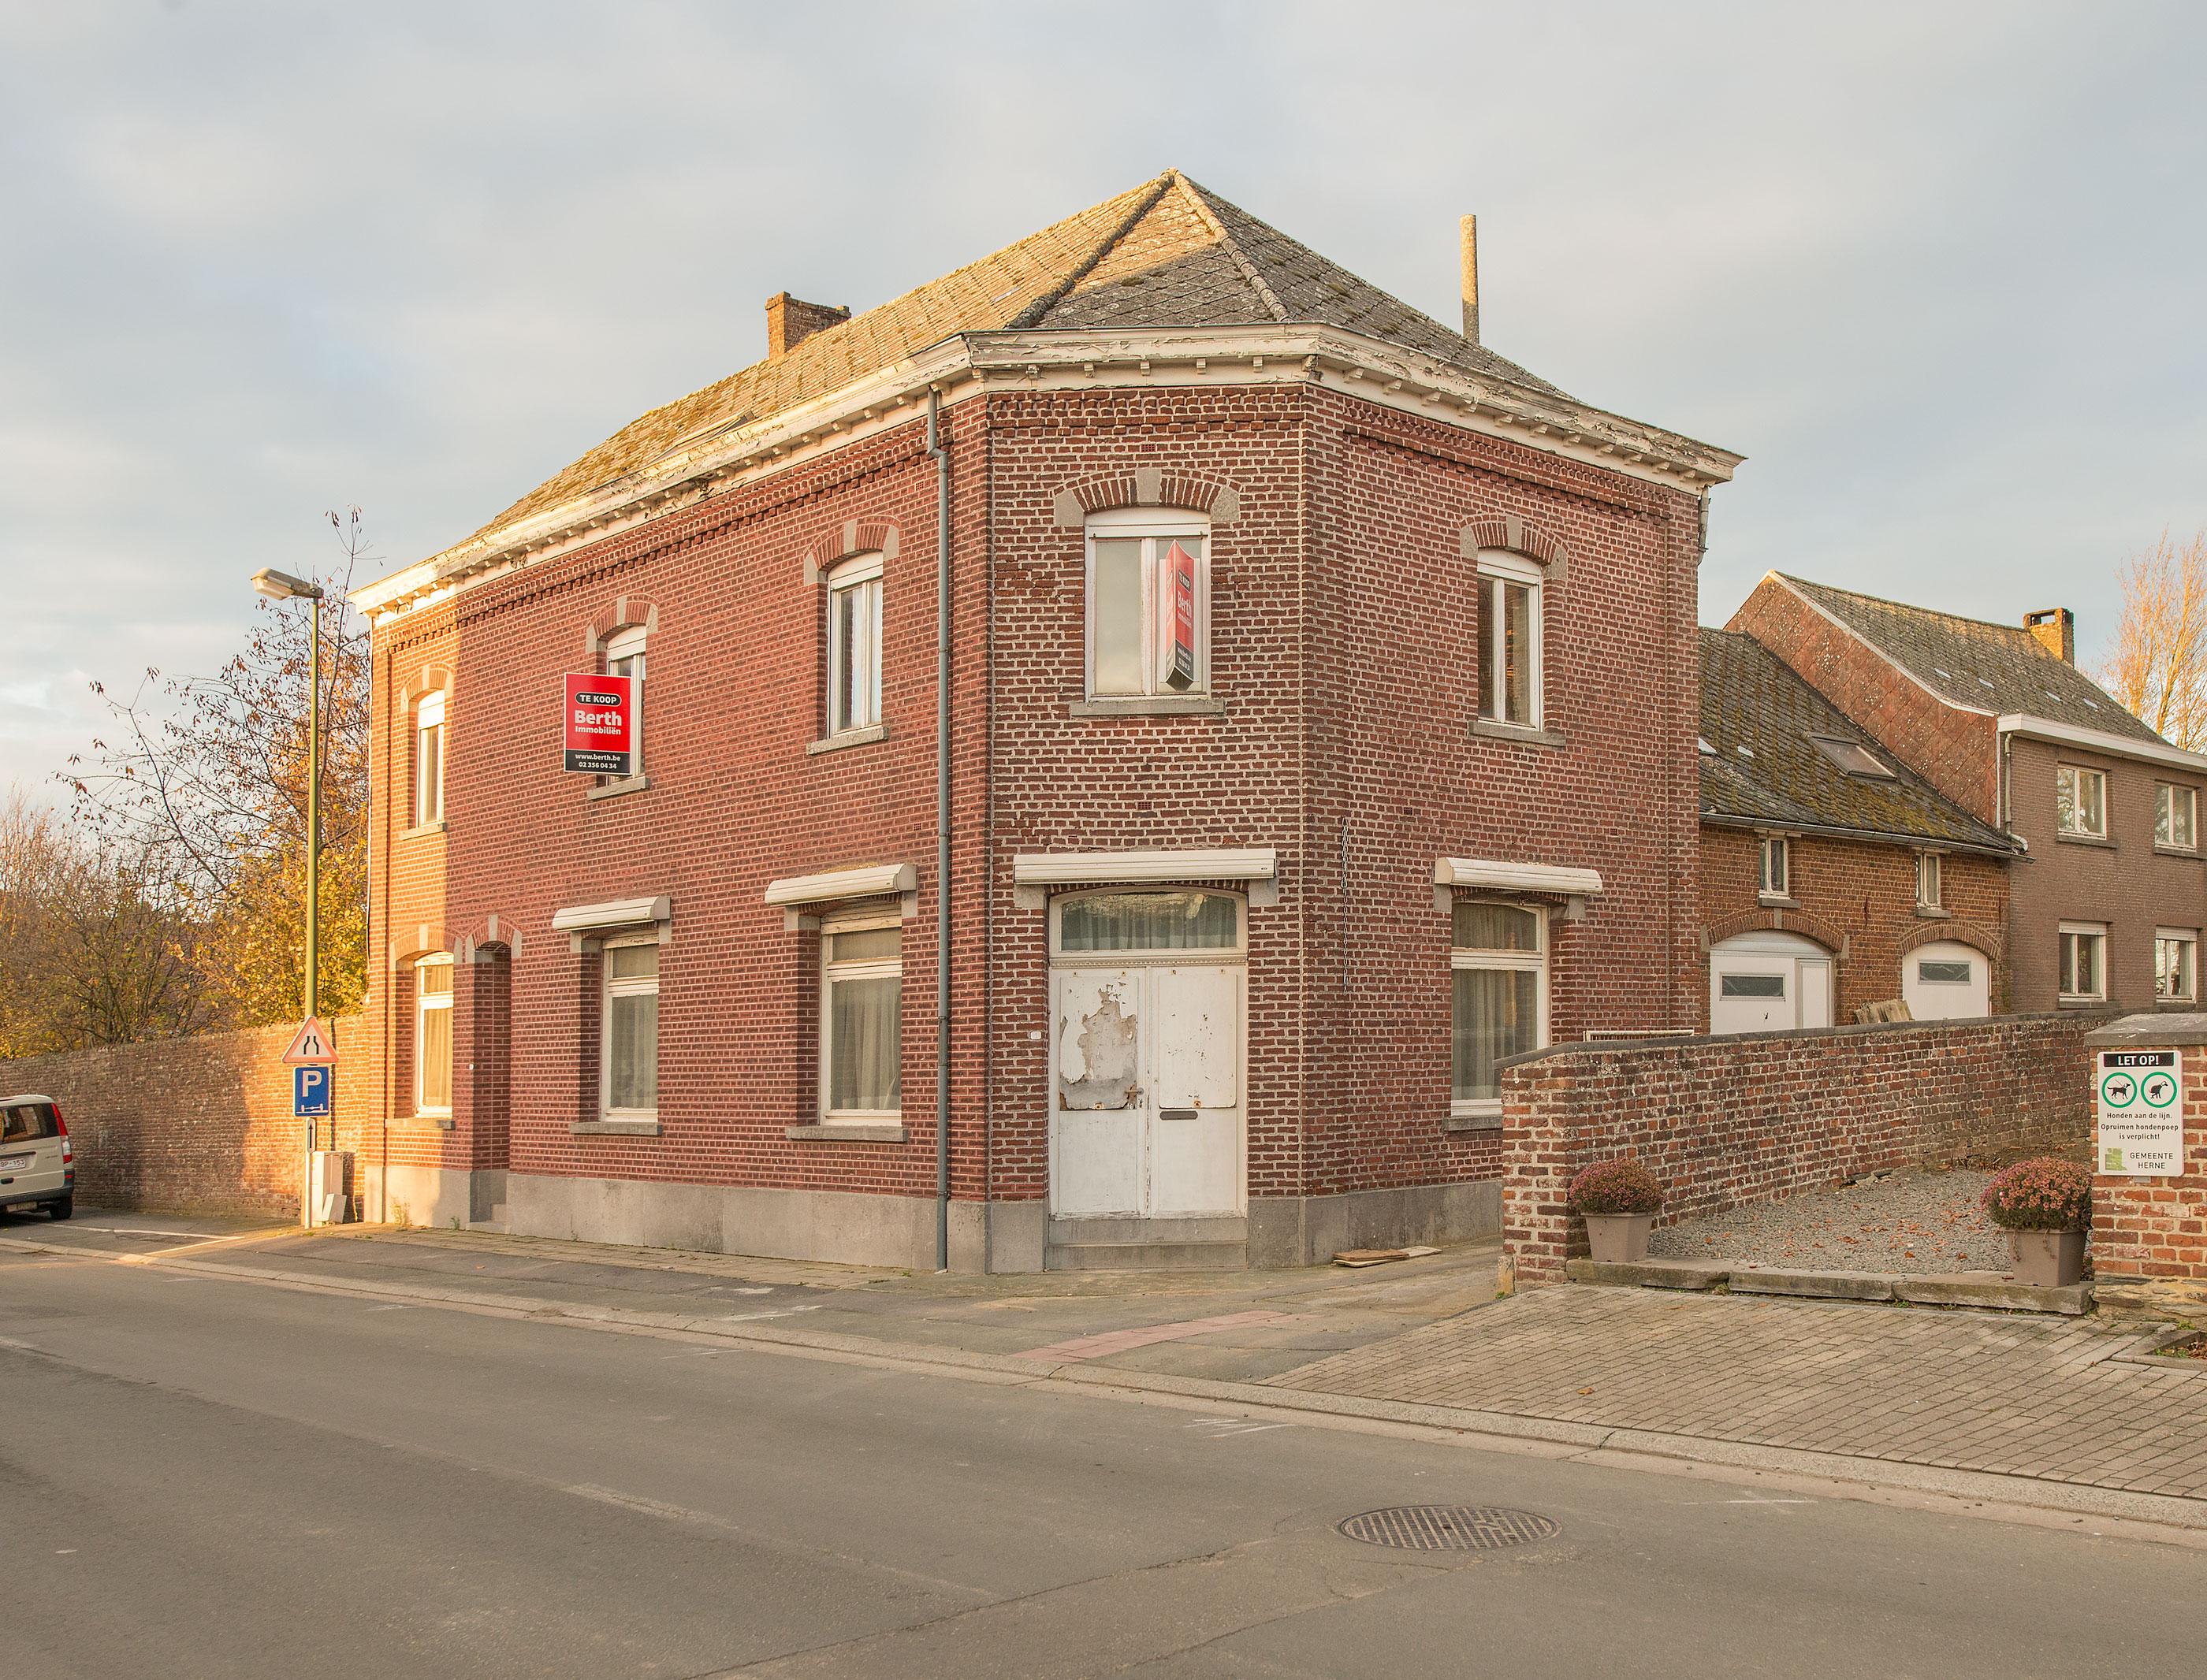 Geraardsbergsestraat 1, 1541 Sint-Pieters-Kapelle